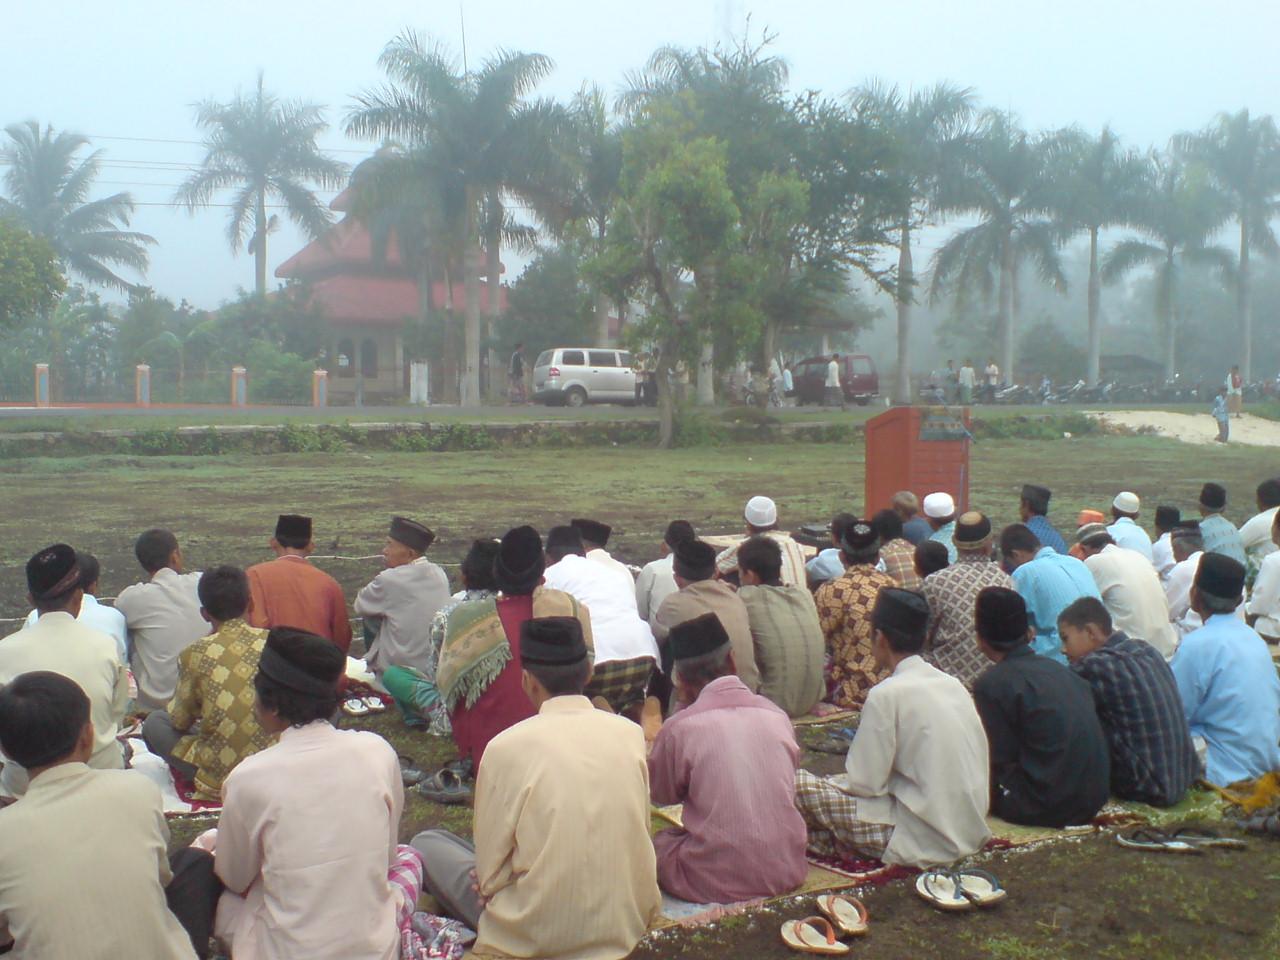 Shalat Ied di lapangan #grogol #indonesiabanget 05